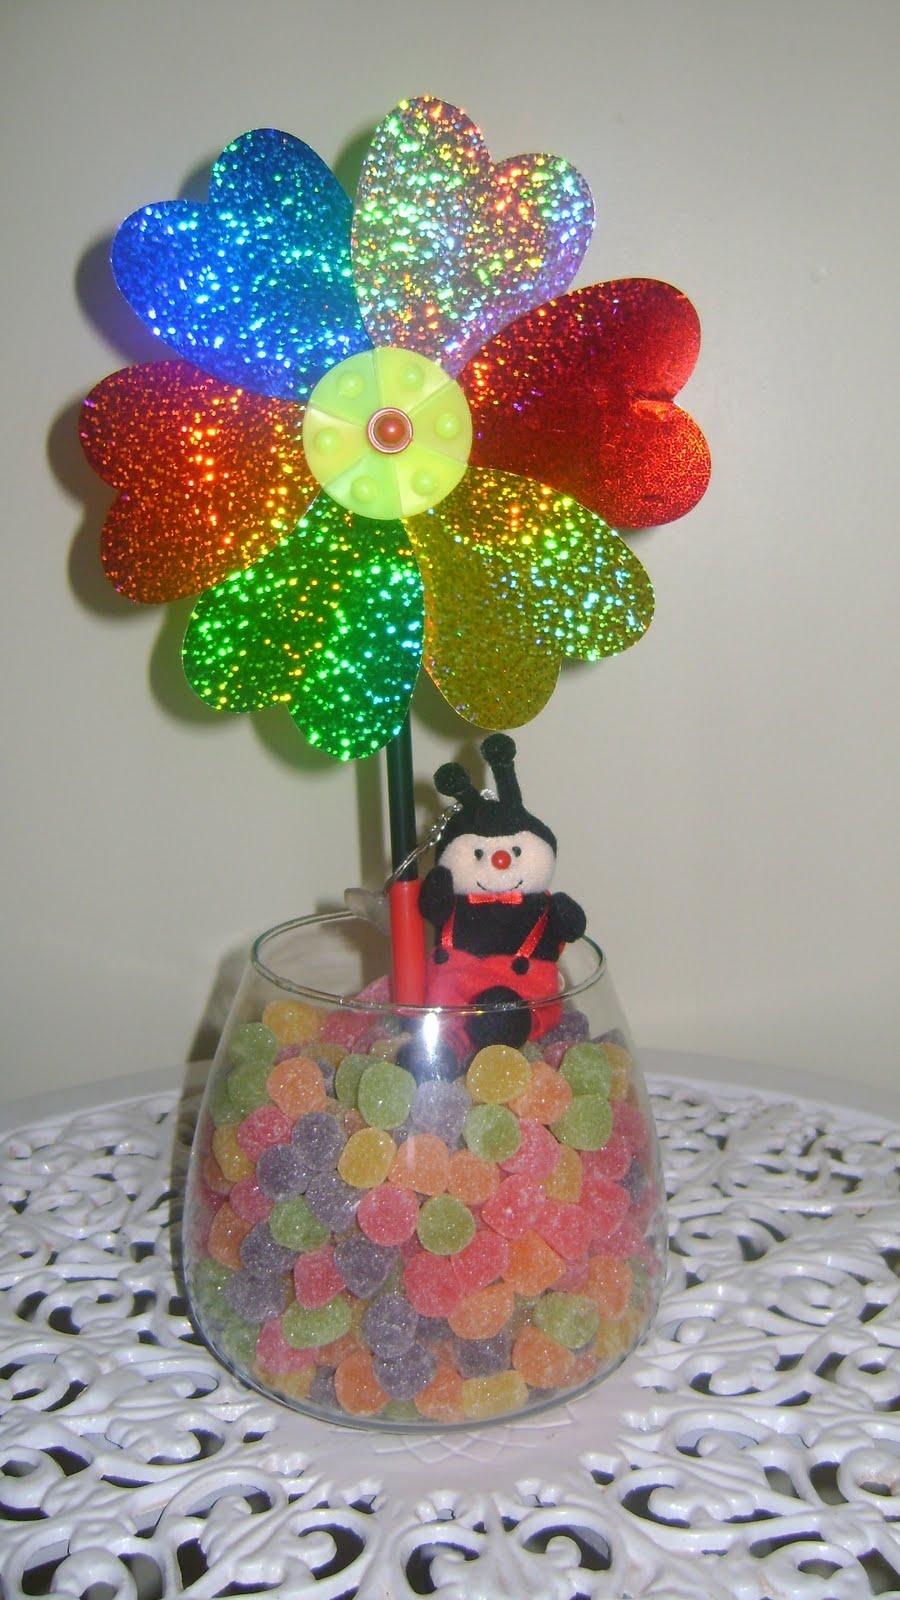 enfeites para festa infantil jardim encantado:Enfeite de mesa – Tema Jardim Encantado/Joaninha – R$ 25,00